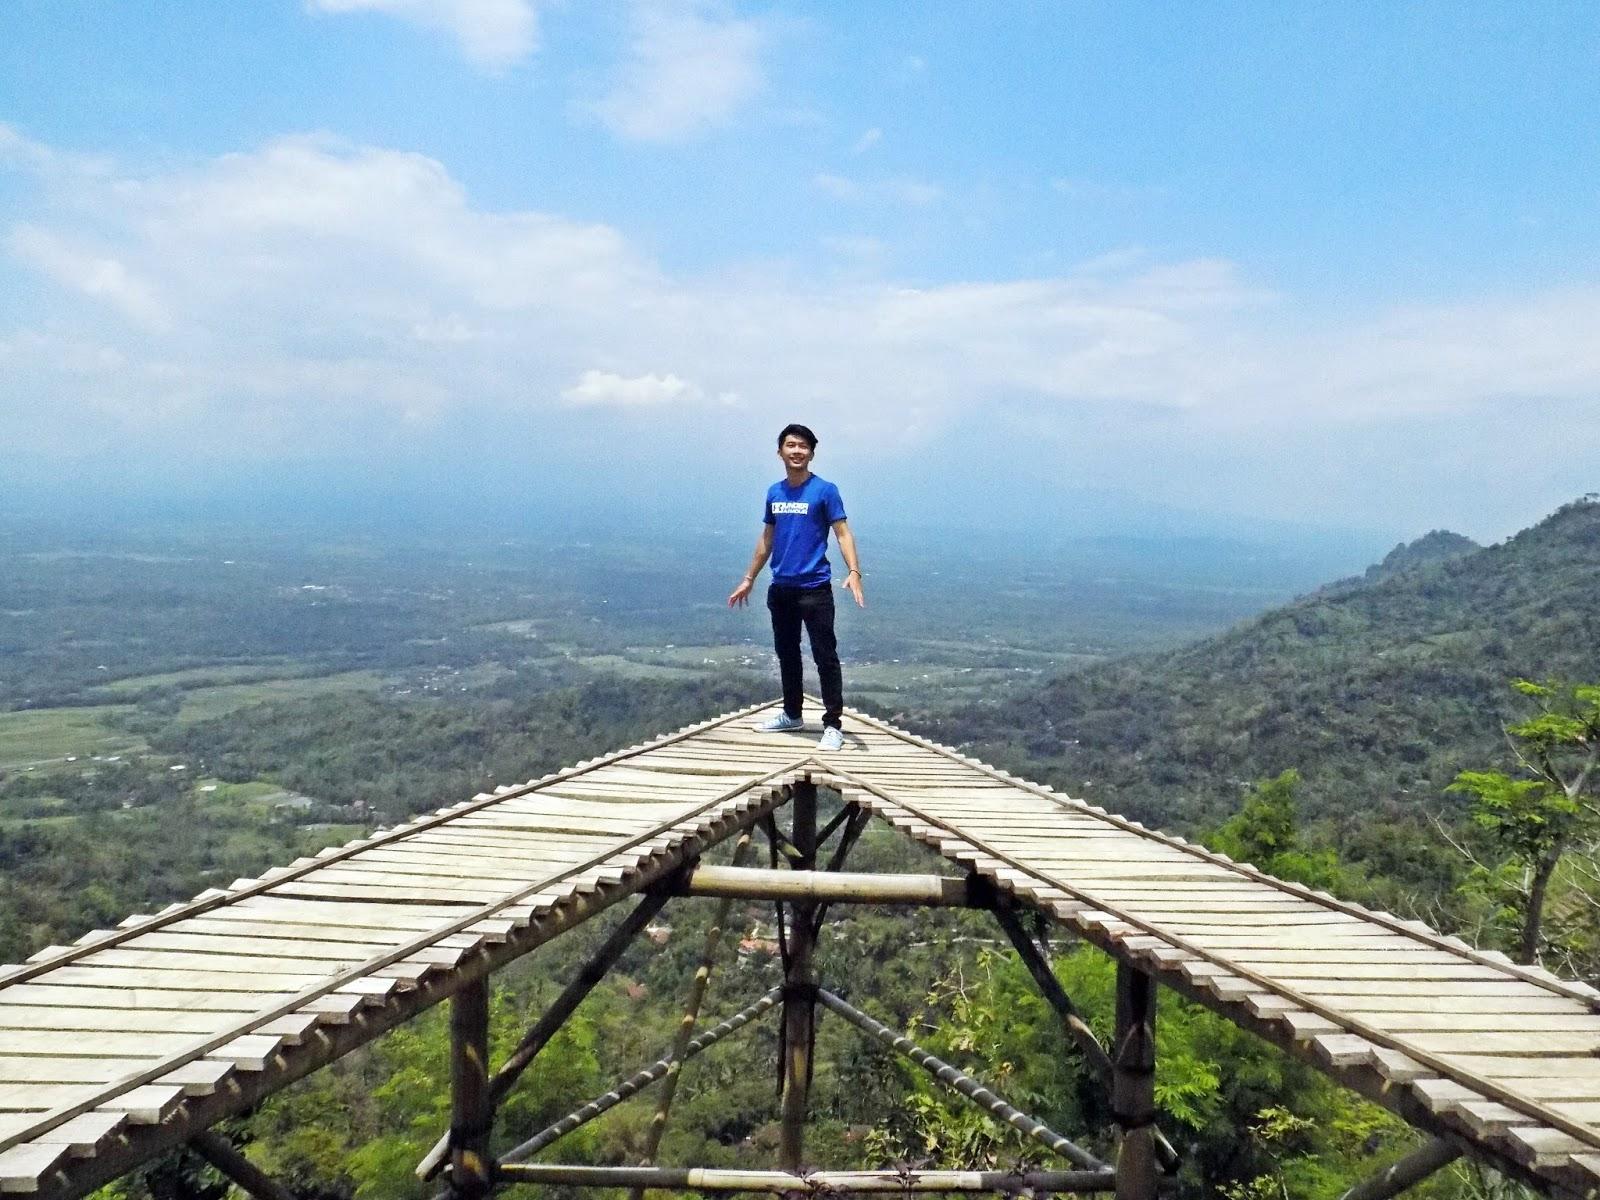 Punthuk Mongkrong Spot Indah Nuansa Alam Magelang Kota